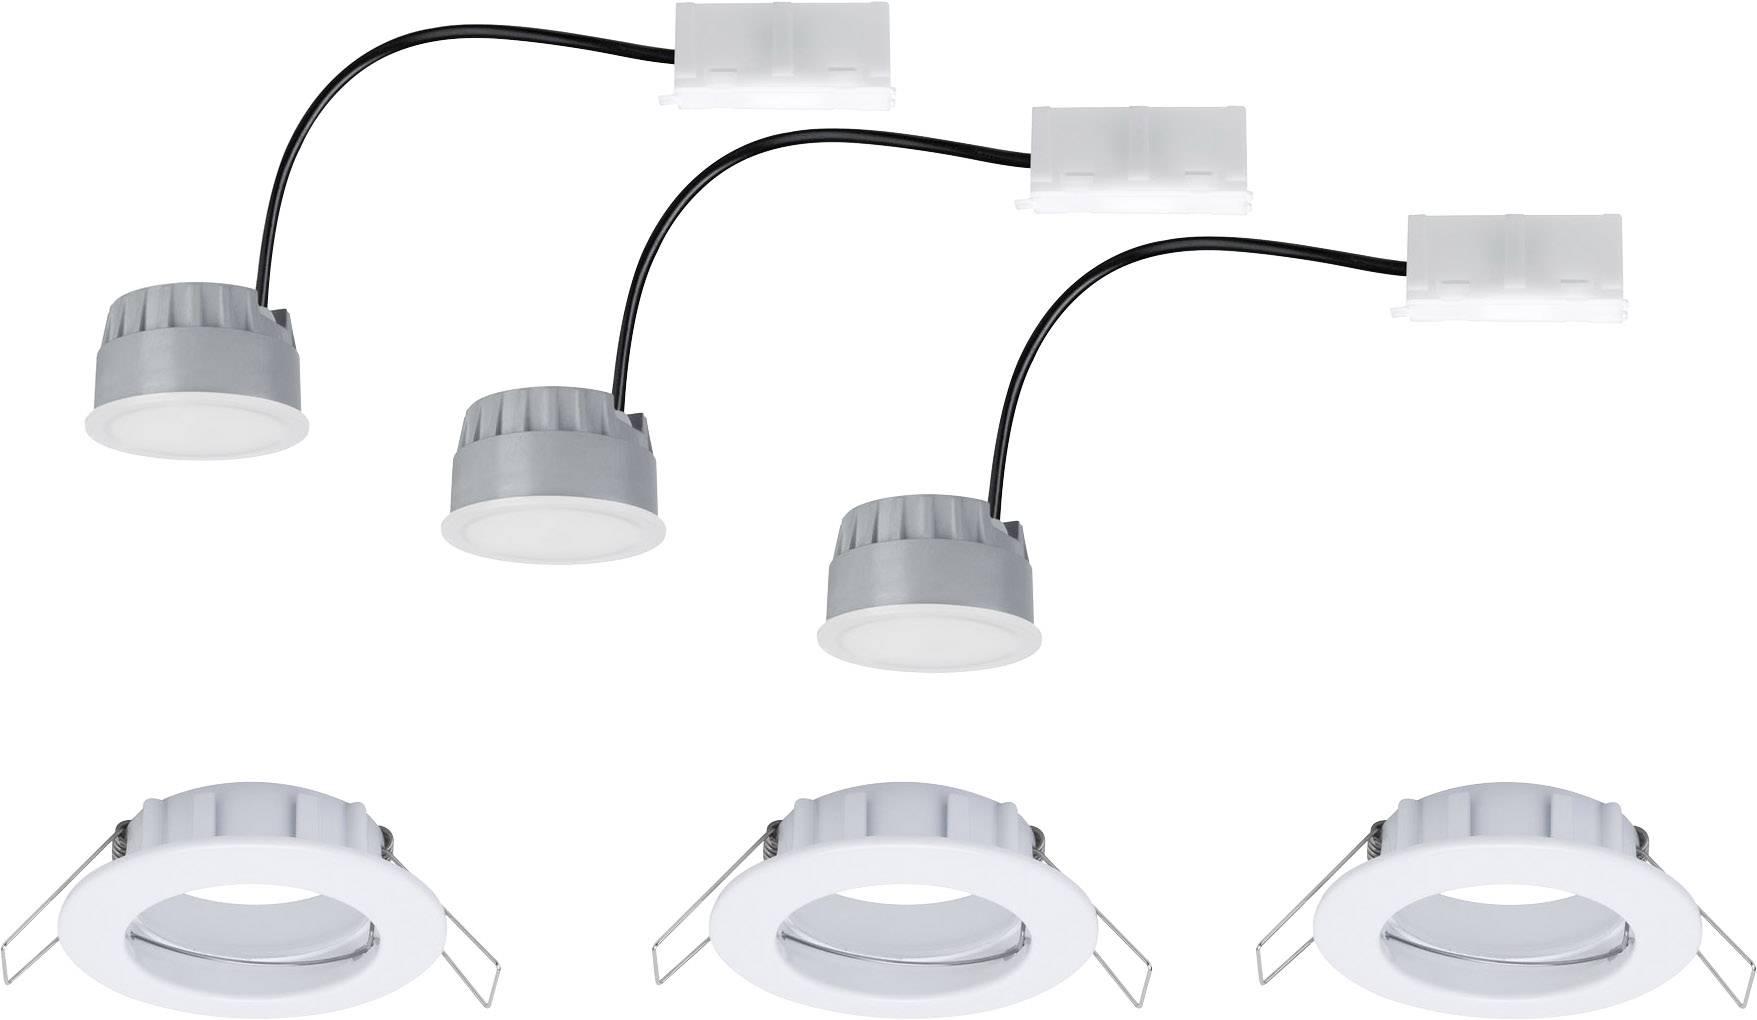 Spot LED encastrable pour salle de bains LED intégrée Paulmann Coin 93956  blanc chaud 21 W blanc mat jeu de 3